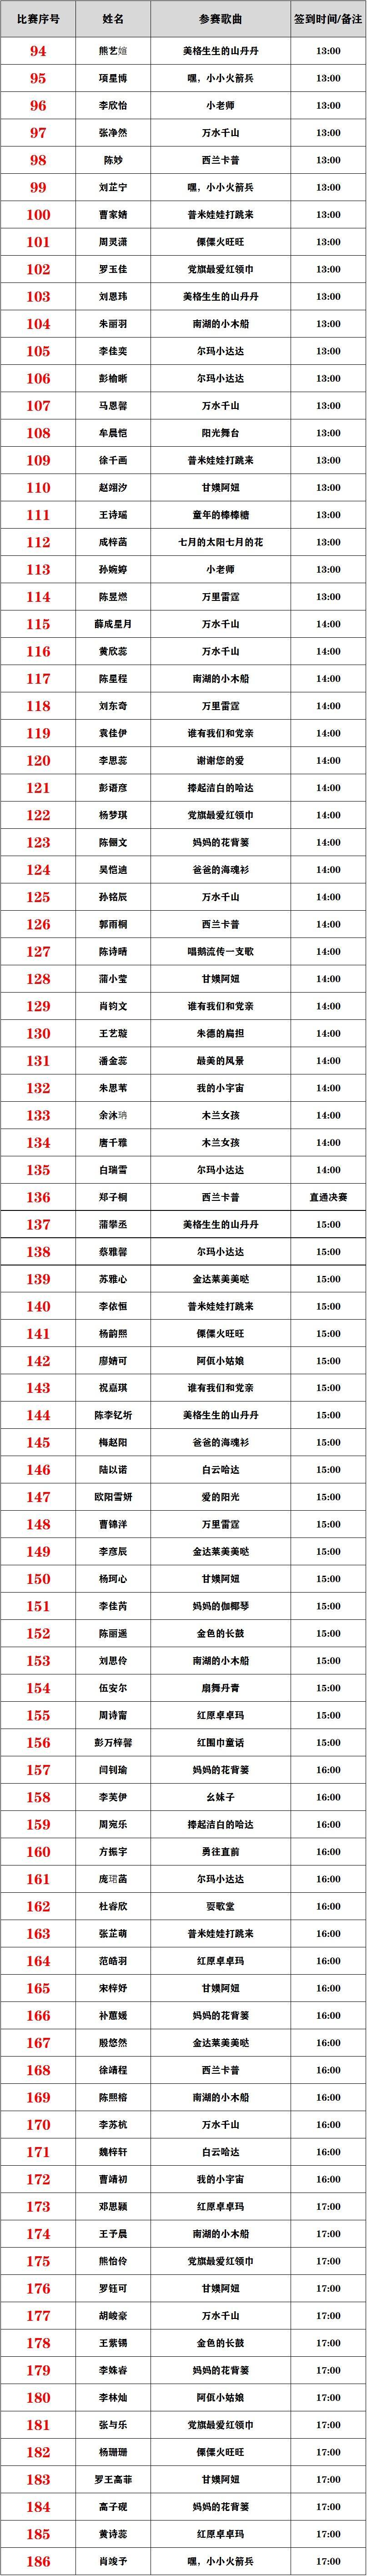 2021第17届快乐阳光全国少歌赛【重庆赛区】复赛比赛通知 第18张